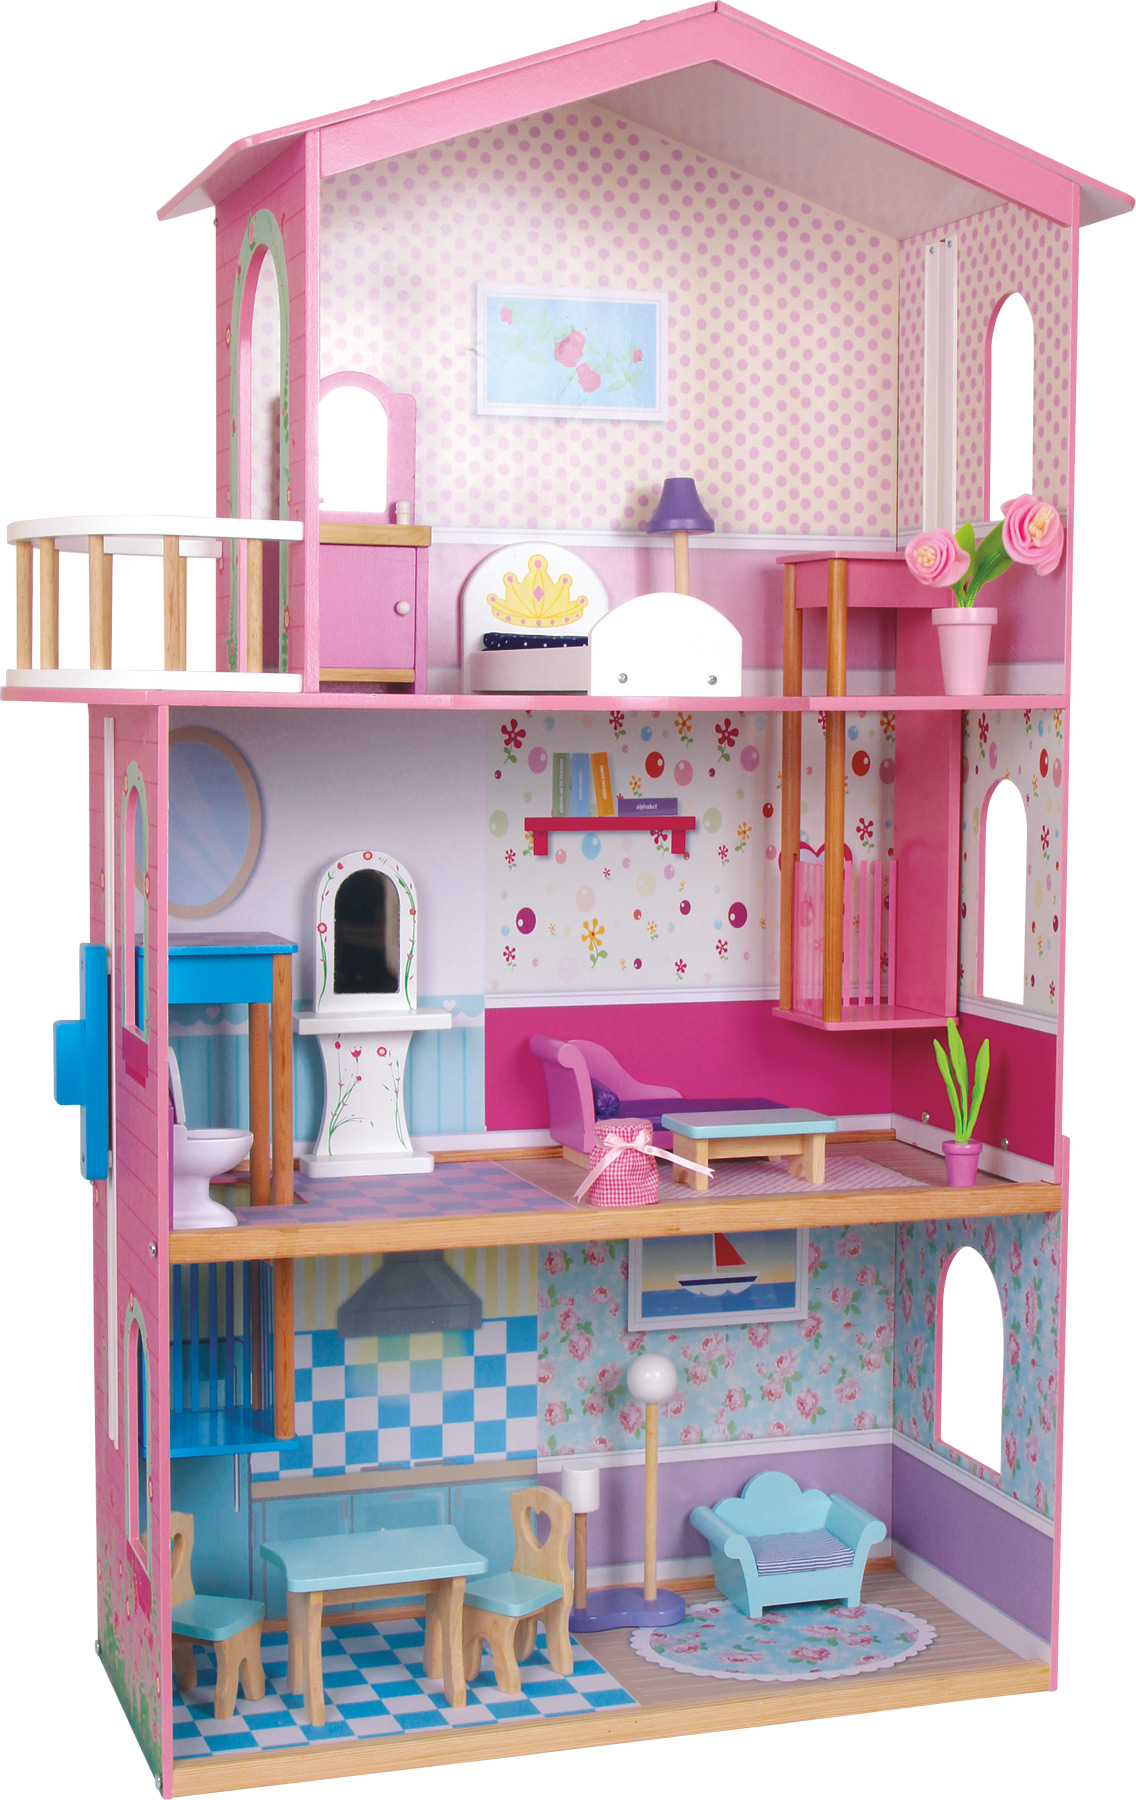 Small foot docksk p doll s house sophia for Sophia house